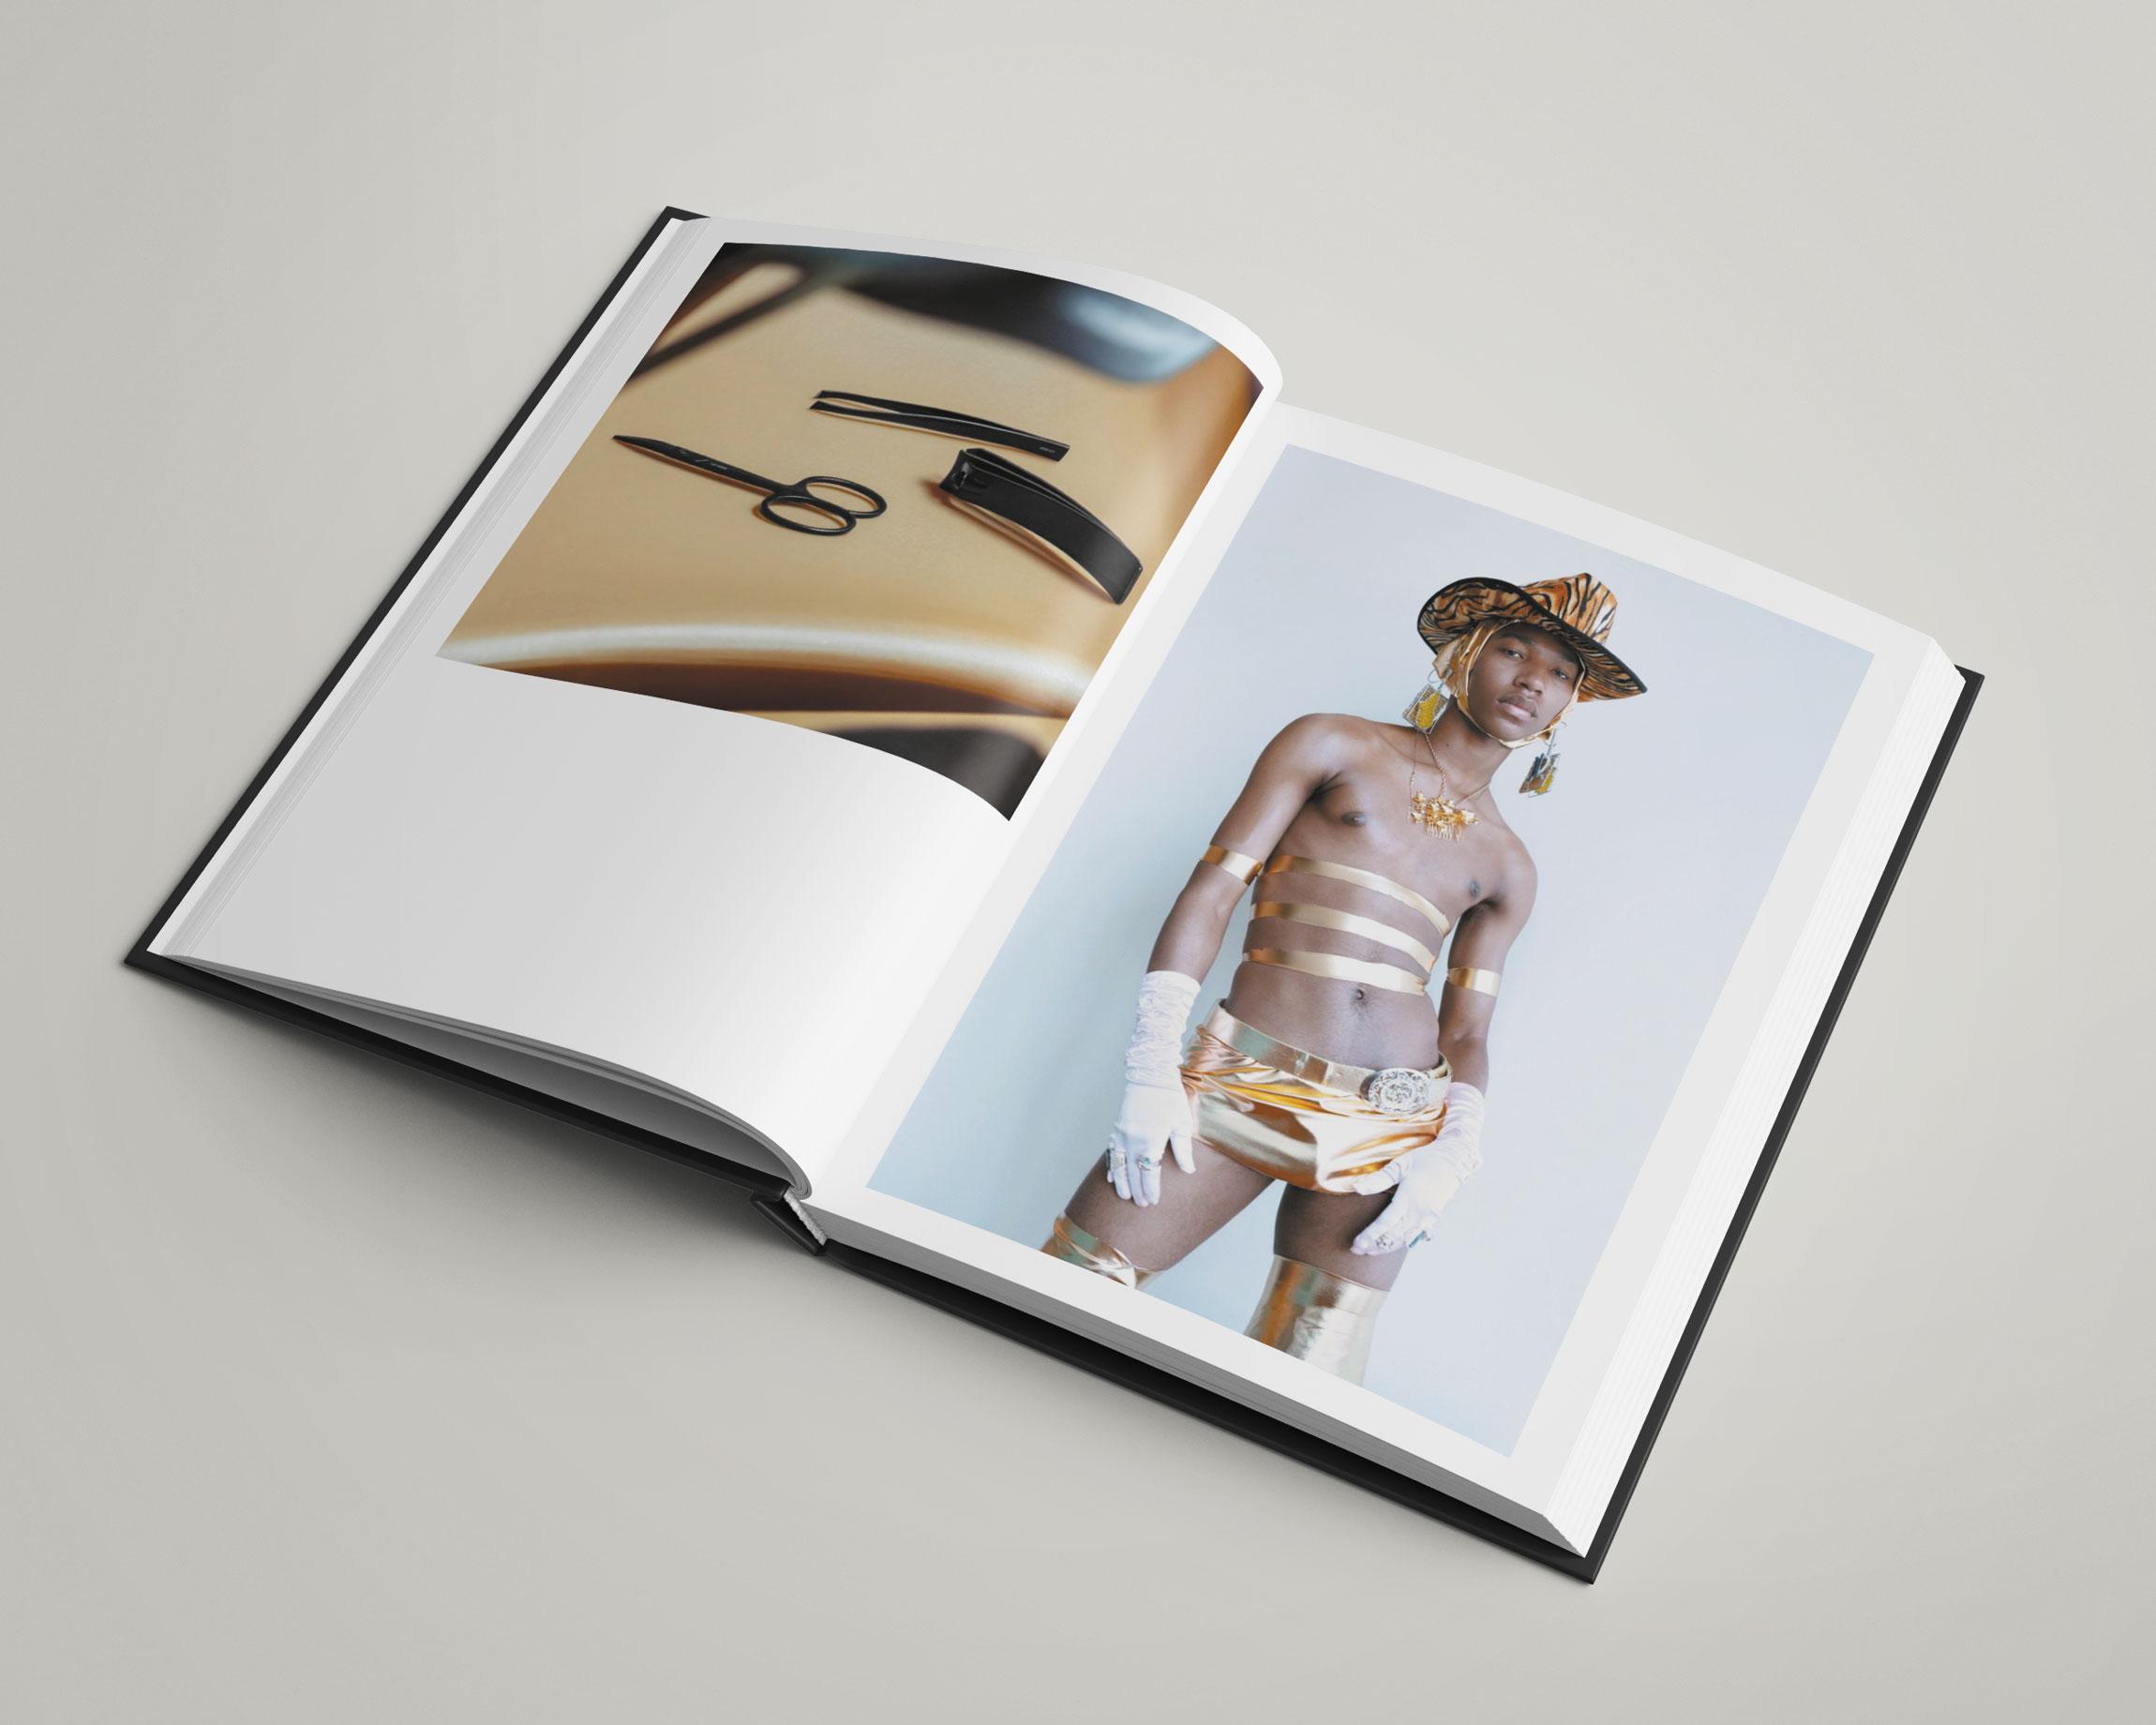 Naked_Studio_Skin_2019_06